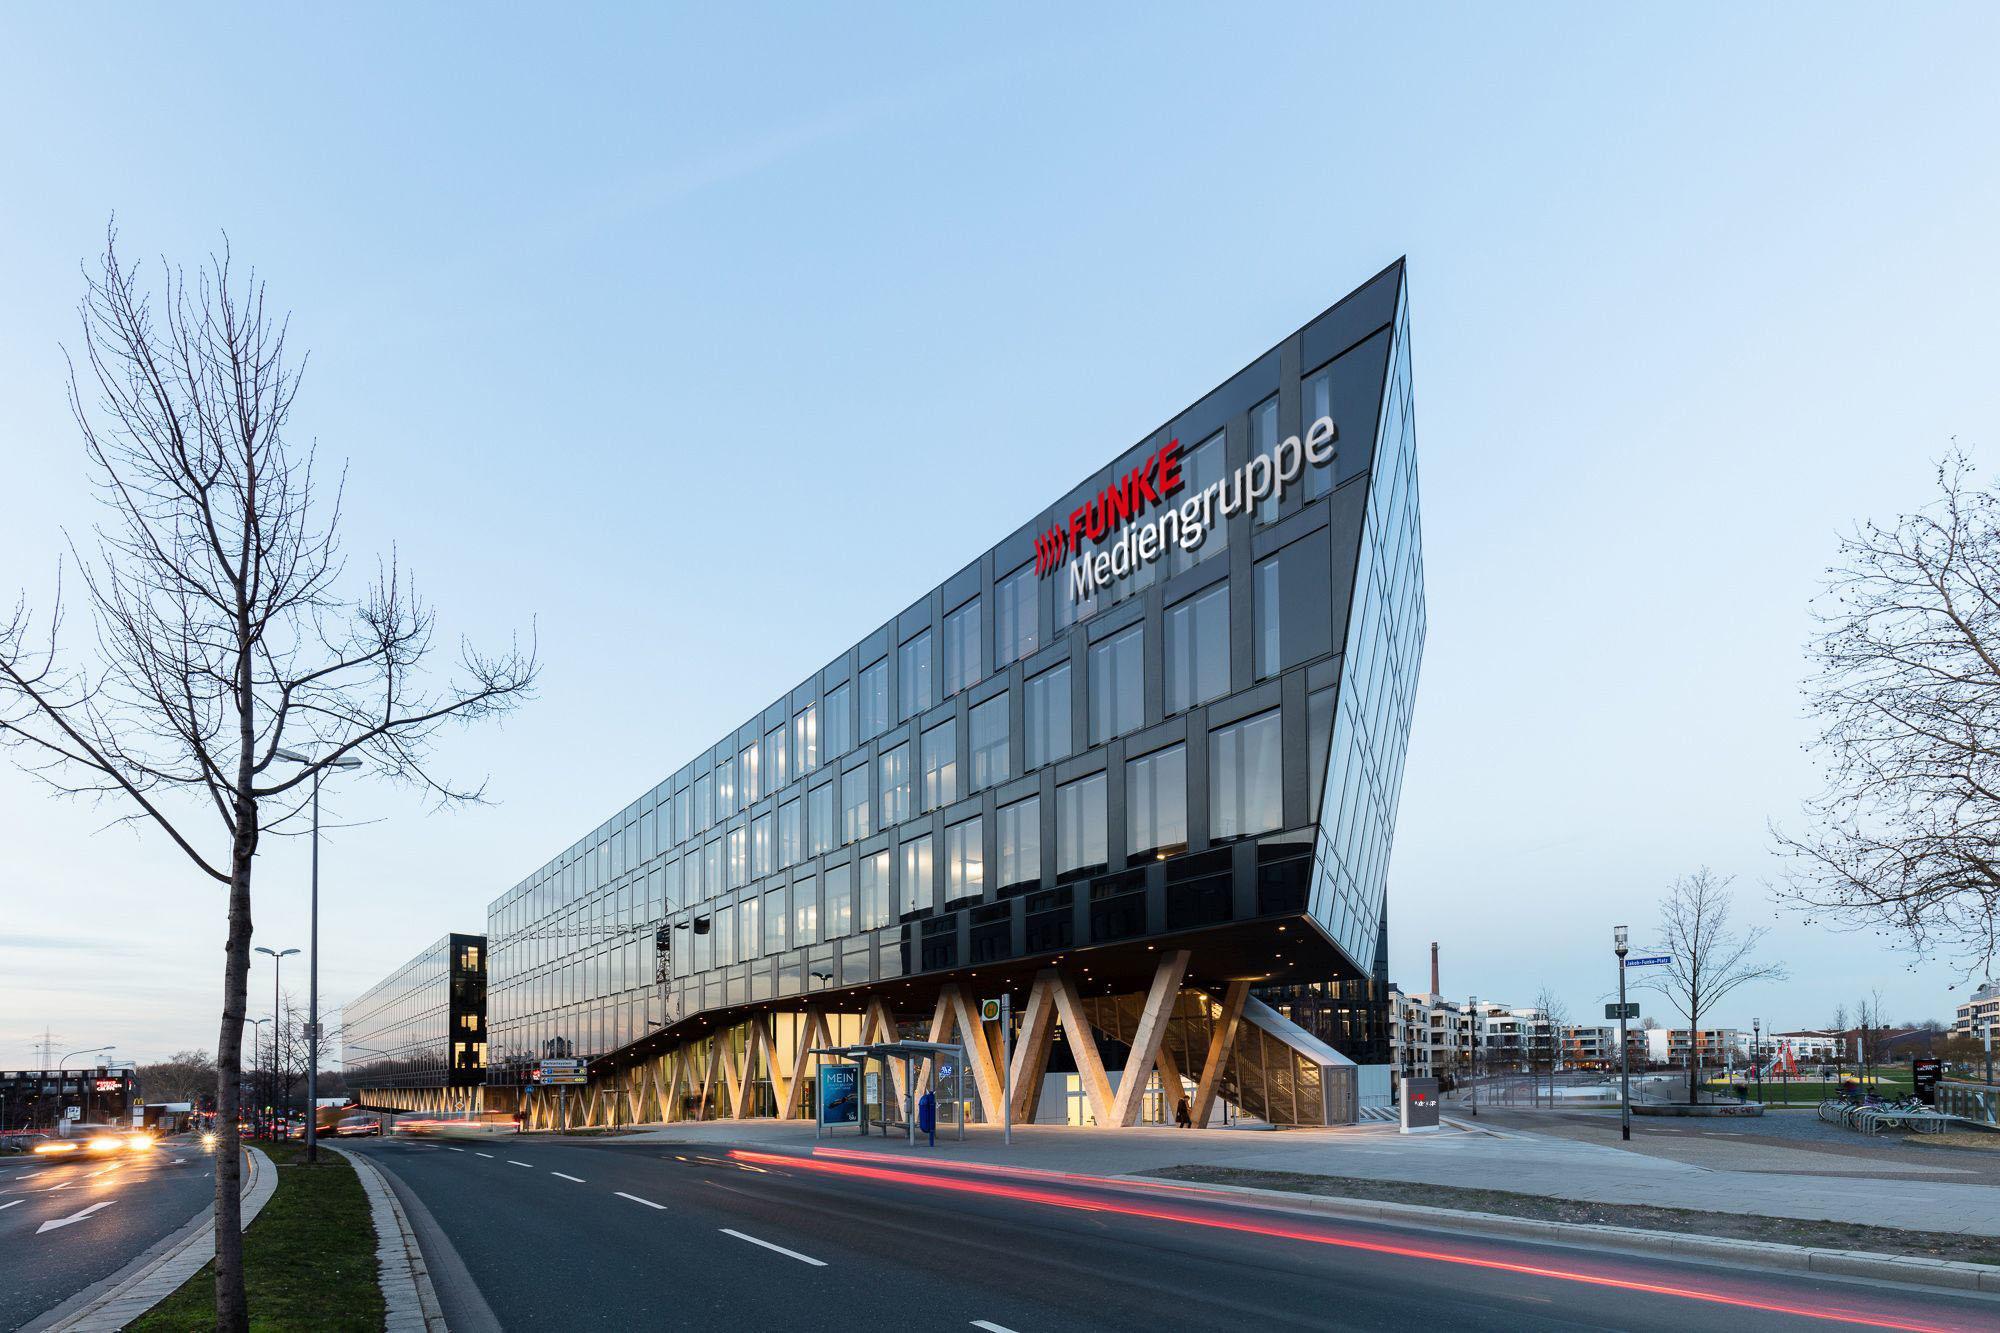 Die Zentrale der FUNKE Mediengruppe in Essen, in der auch die Westfunk sitzt.